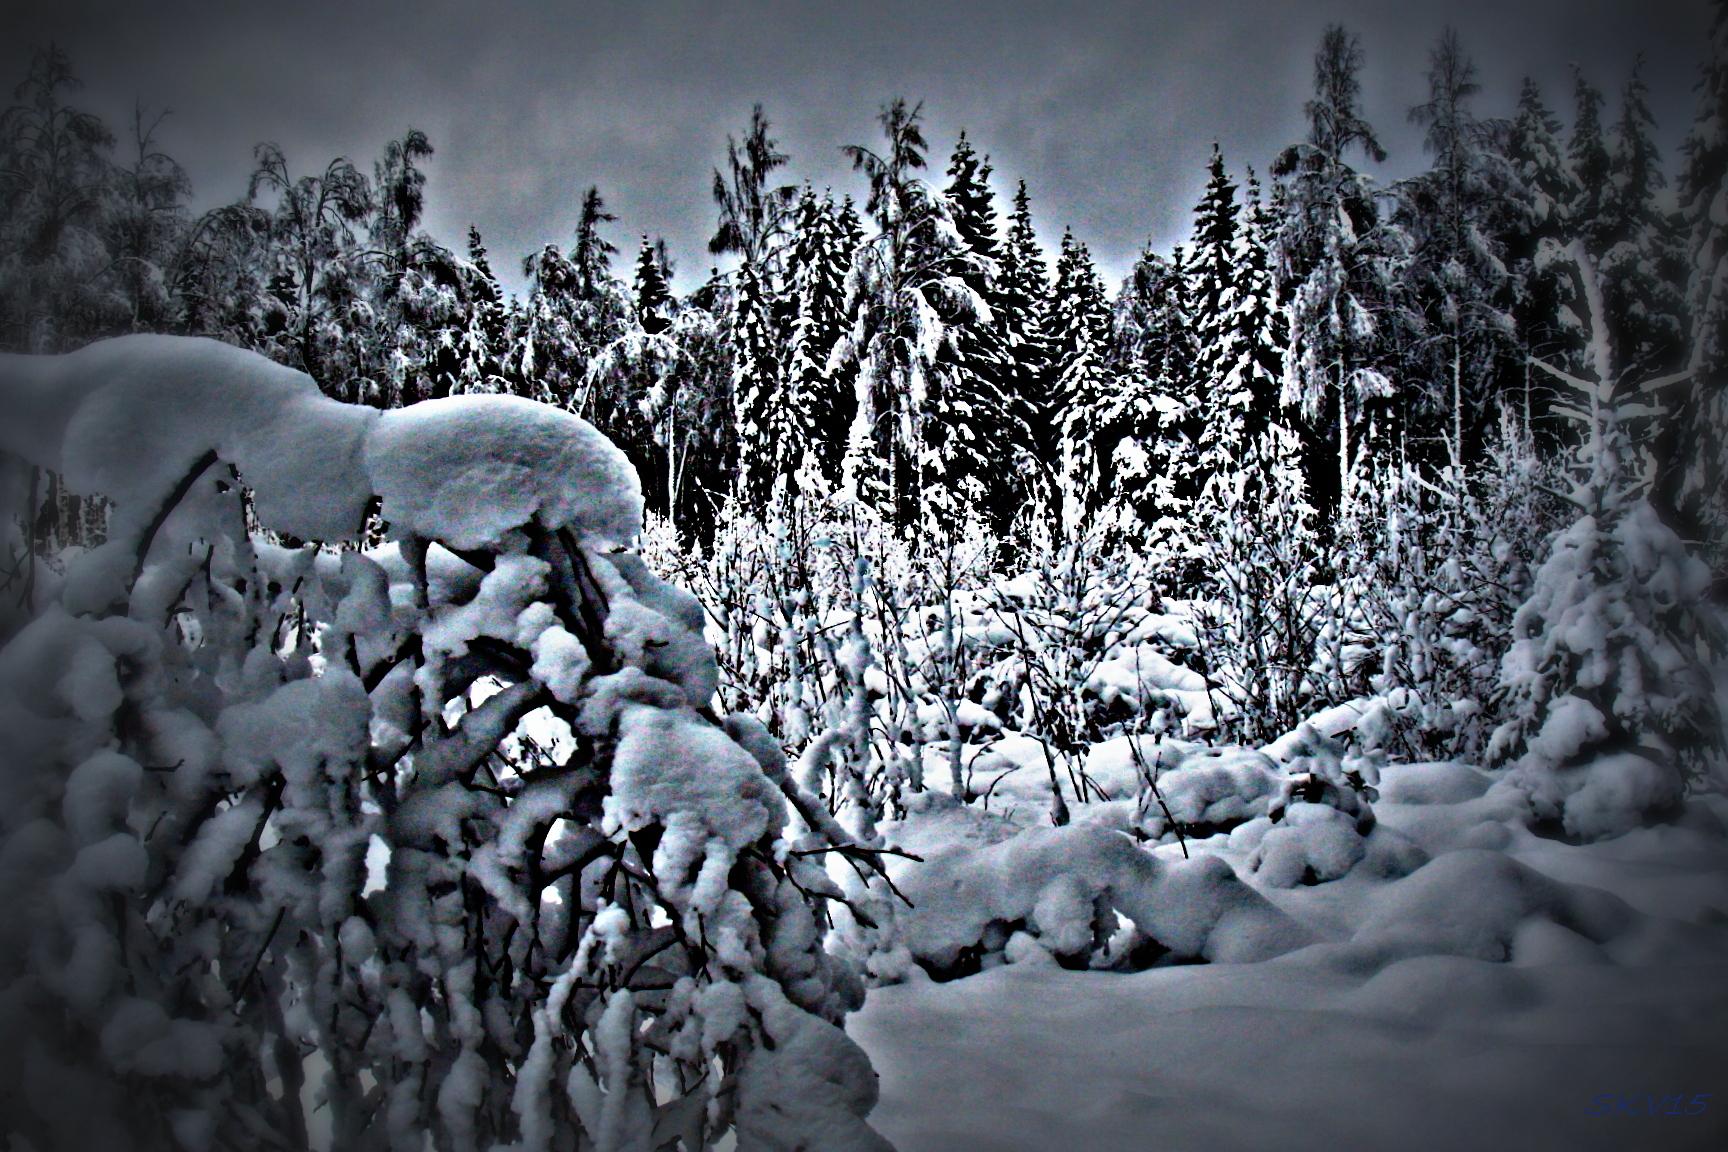 Kaikkialla lunta: Urjala marraskuu 2017